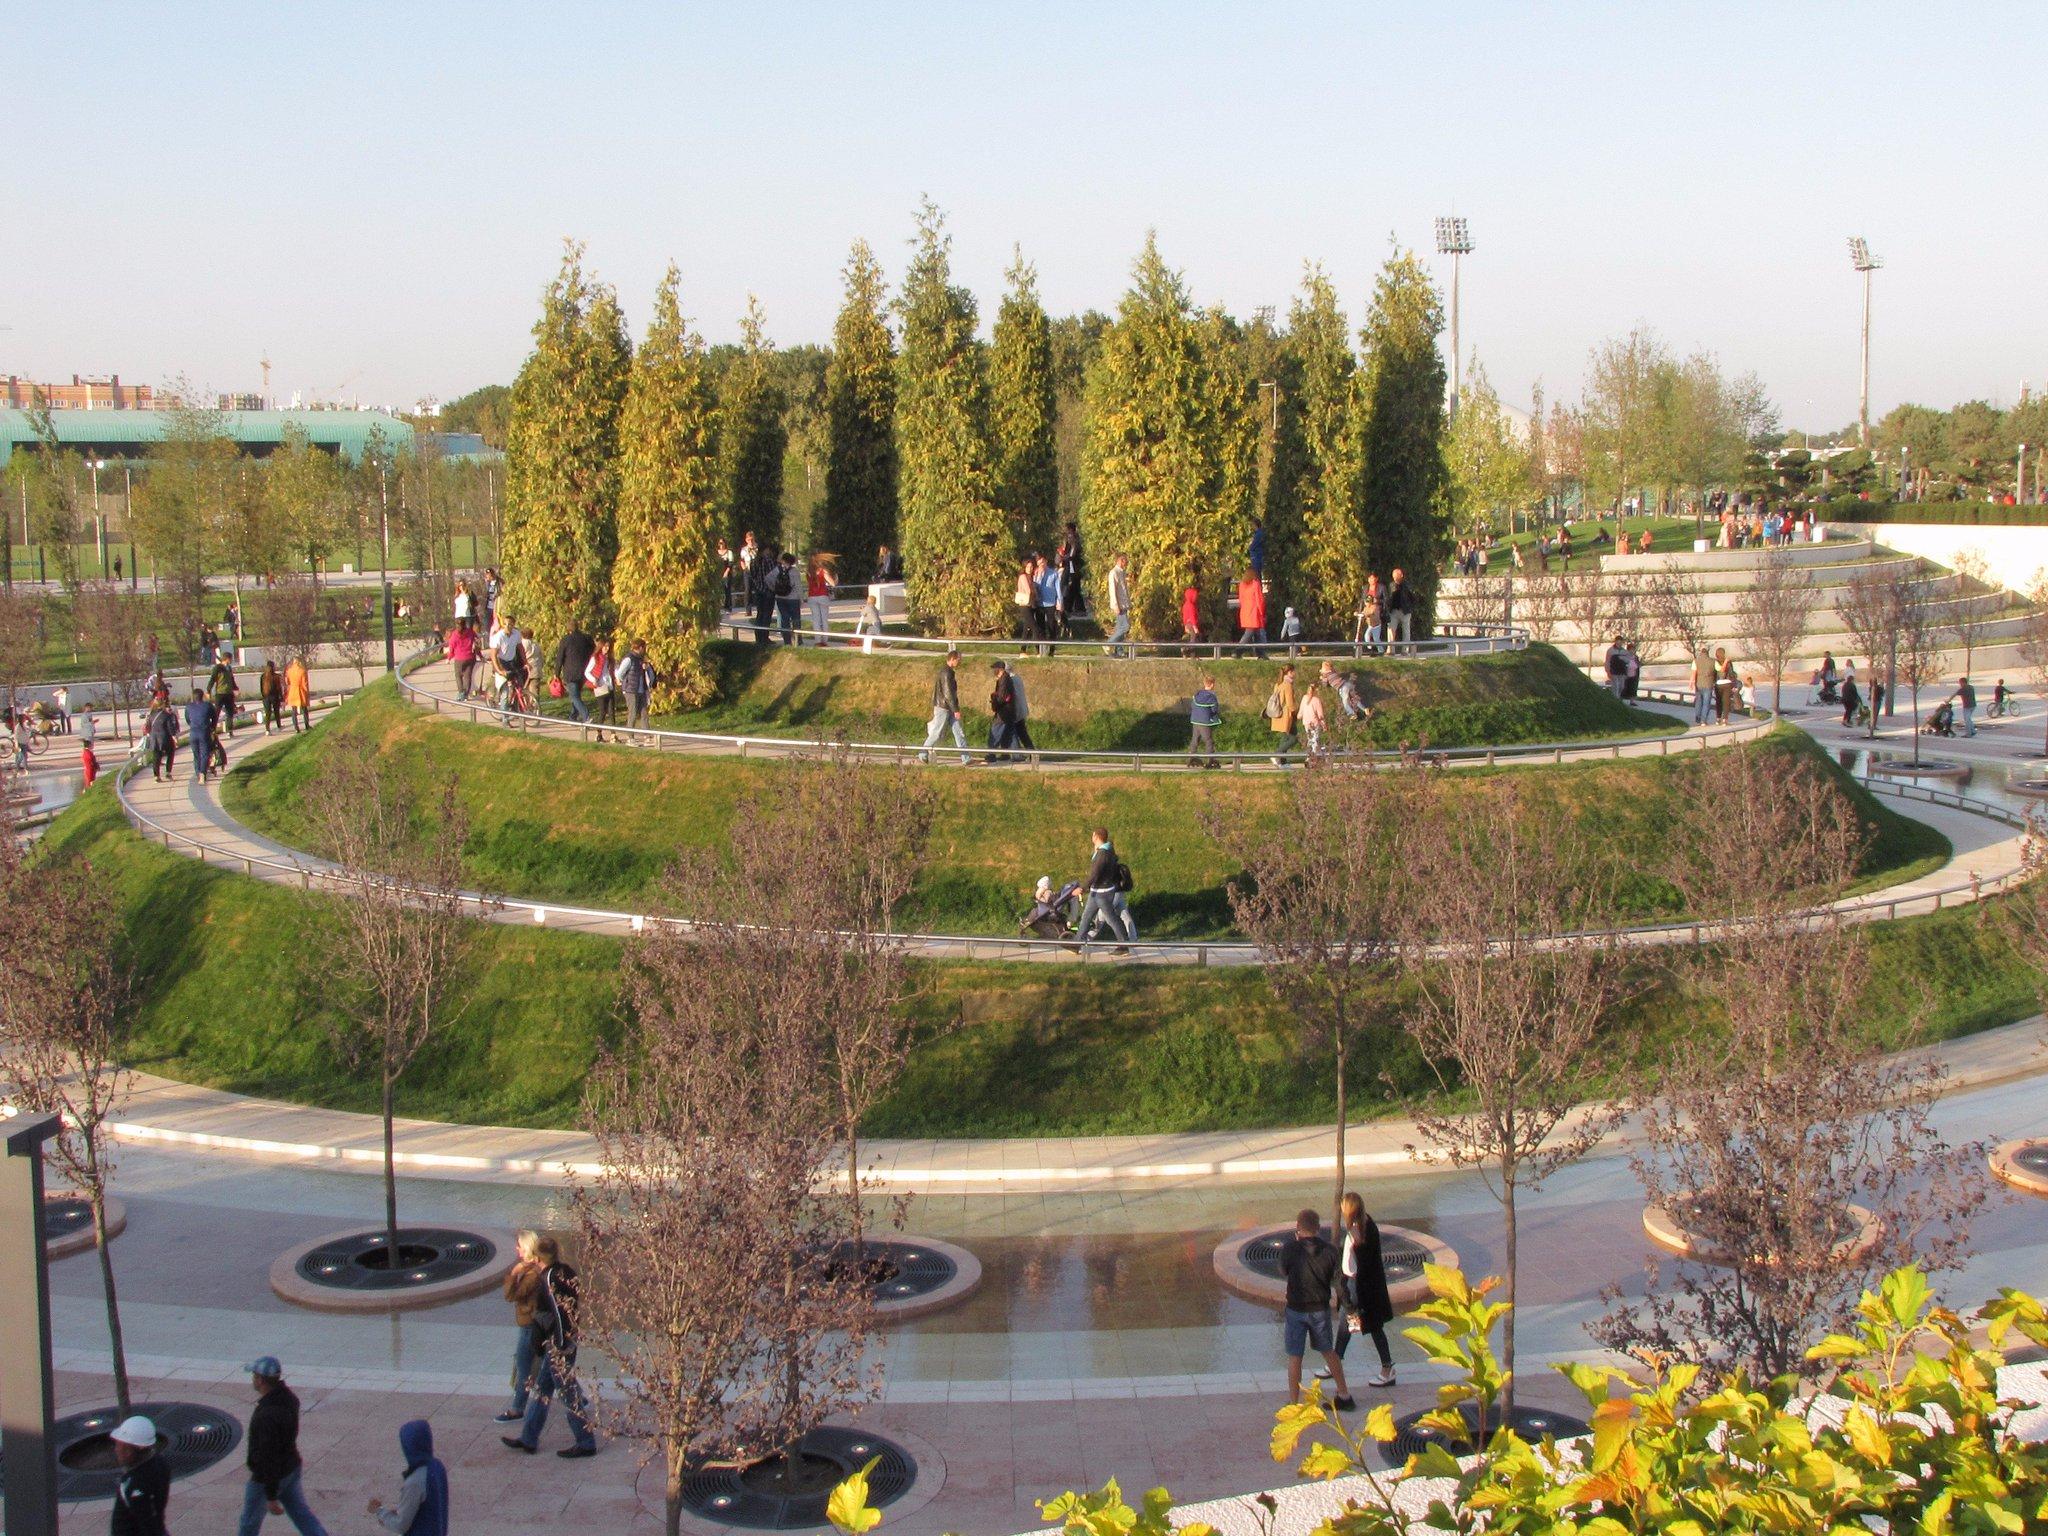 центральный парк краснодар фото шашлык овощей мангале